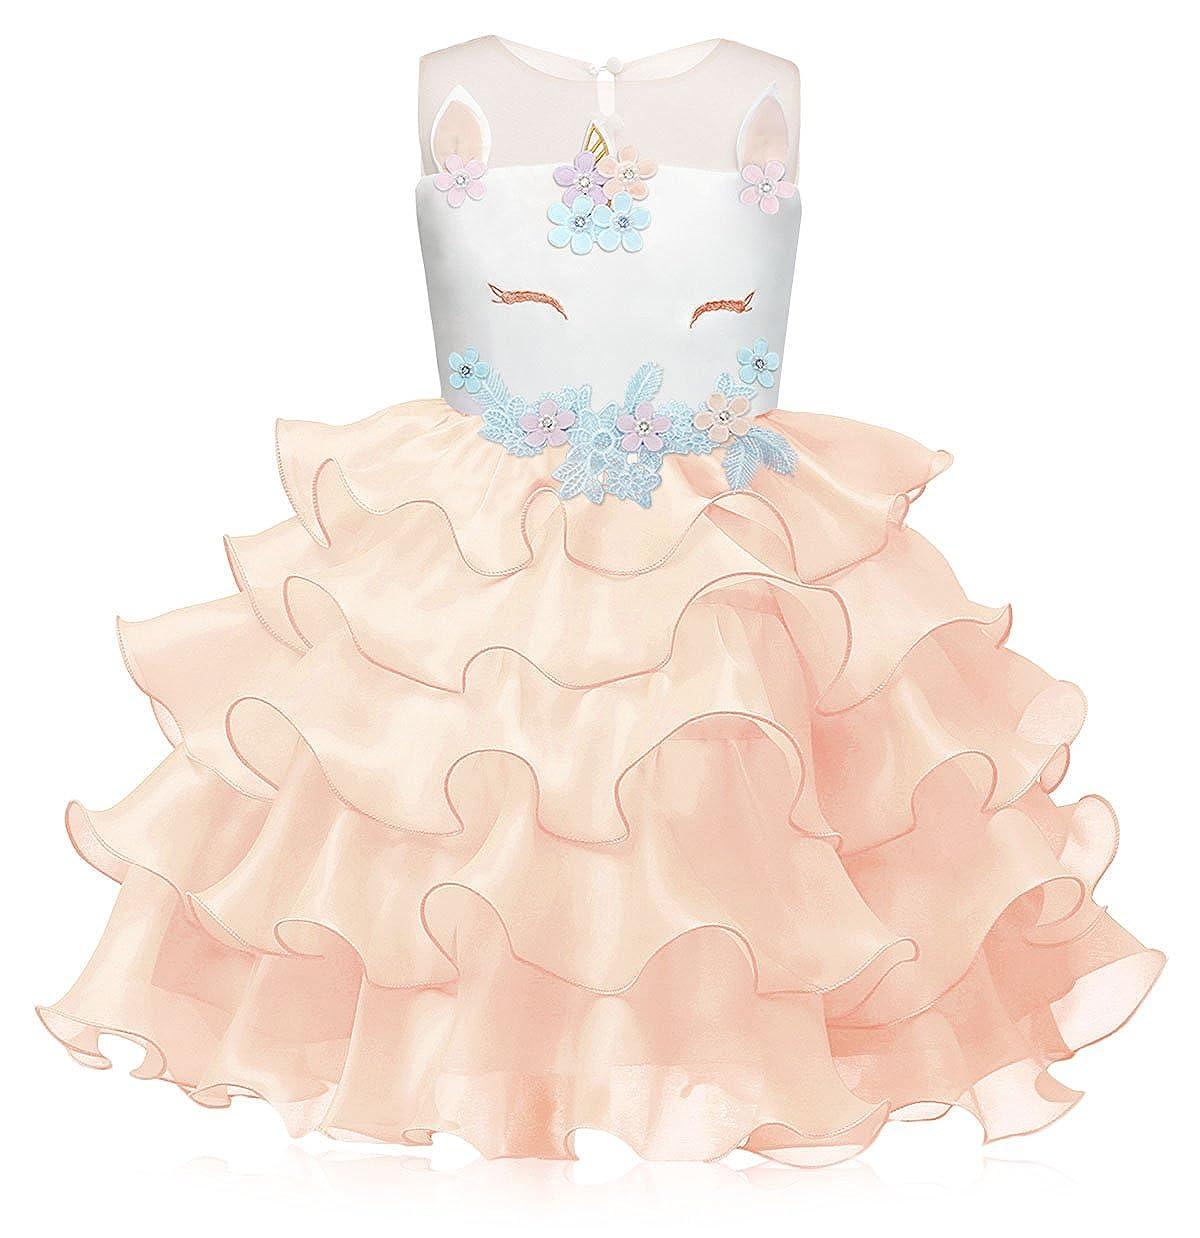 AmzBarley Ragazze Unicorno Principessa Abito Tutu Ragazza di fiore Abiti  per bambini Ragazze Festa Nozze Vestire ab989bb35d9